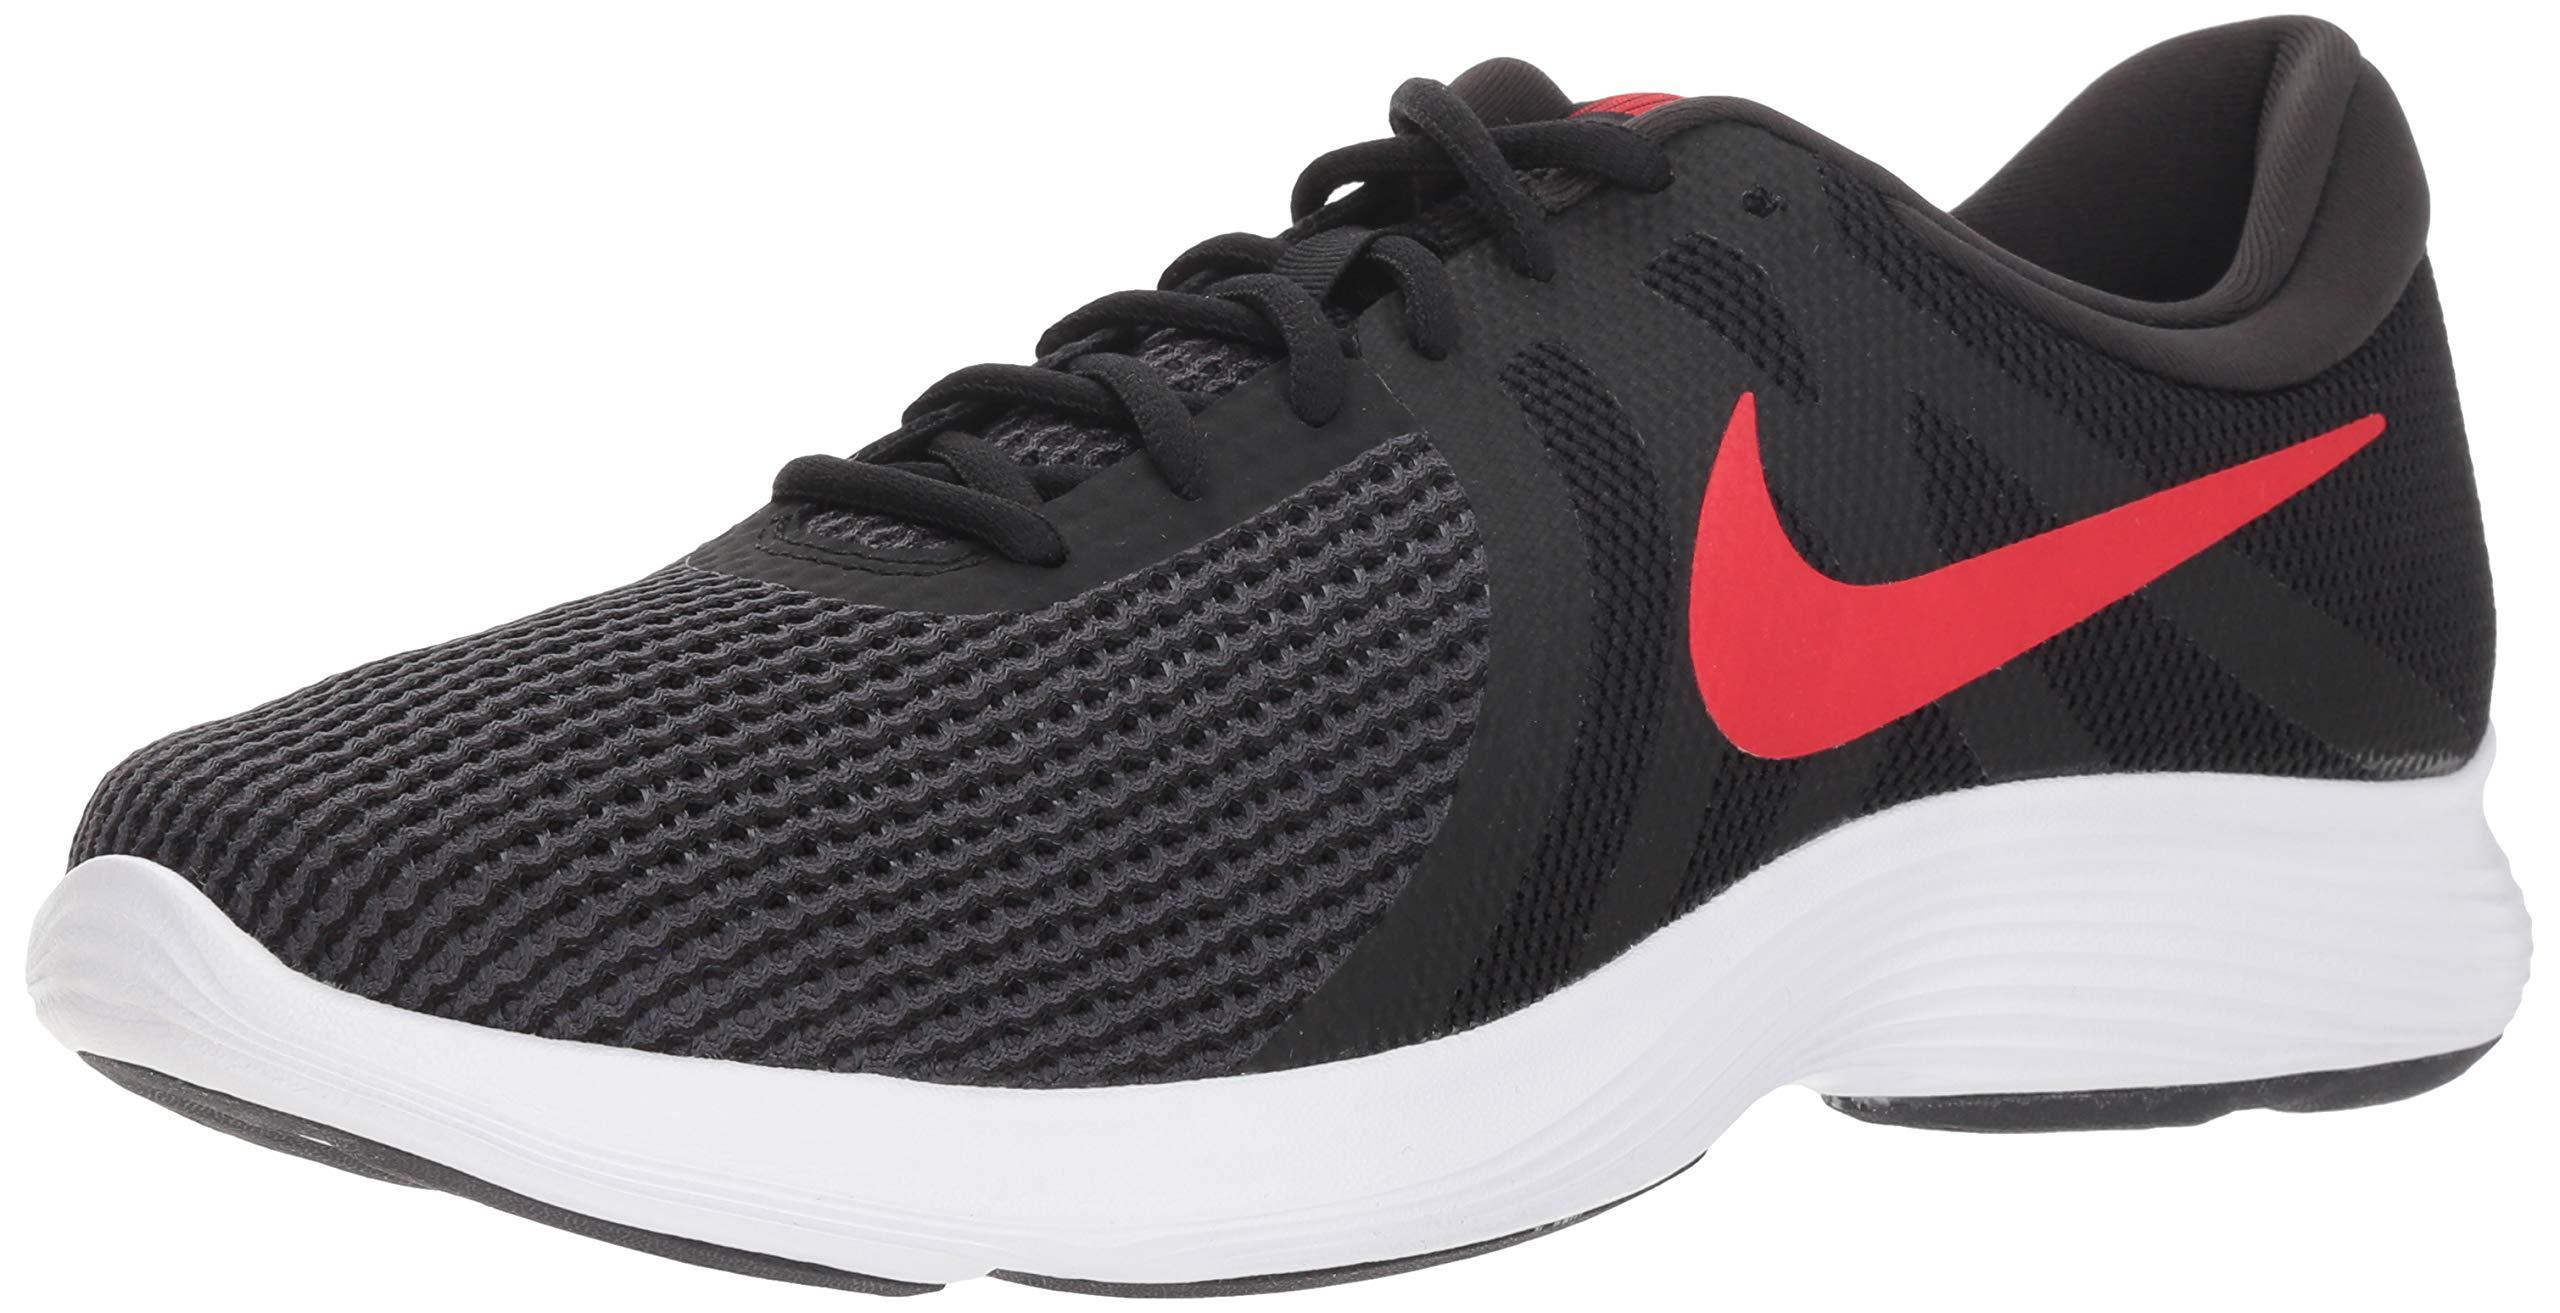 655447e2f99 Galleon - Nike Men s Revolution 4 Running Shoe Black University Red - Oil  Grey 10.5 Regular US